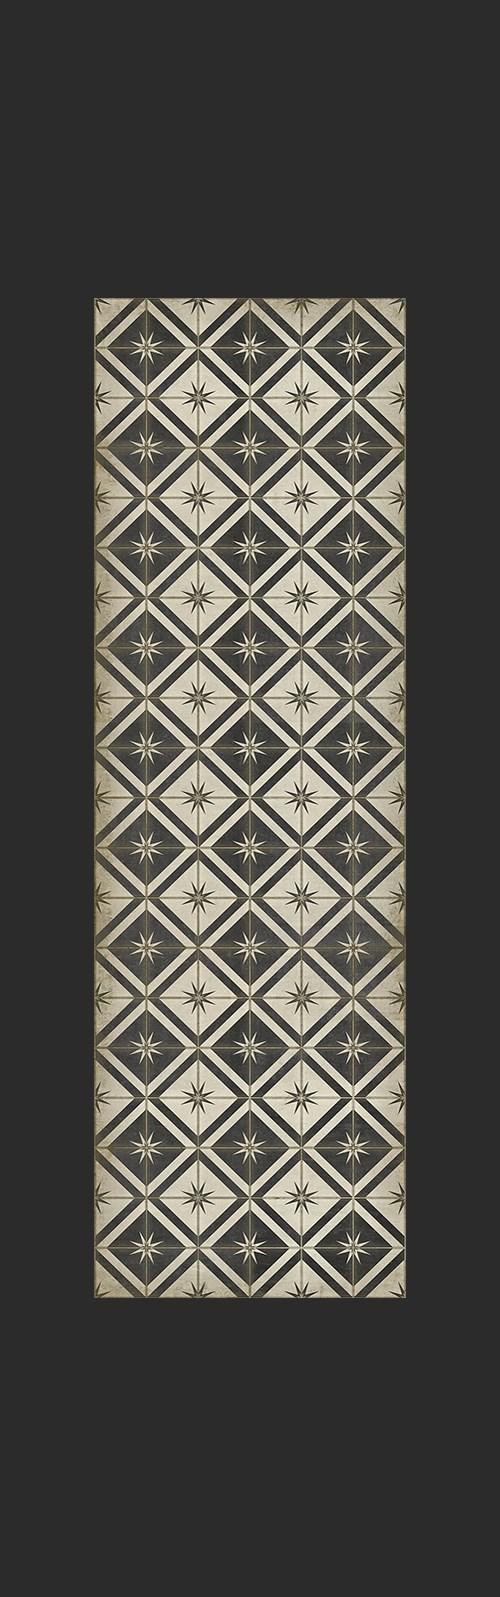 Pattern 20 Stark 36x115